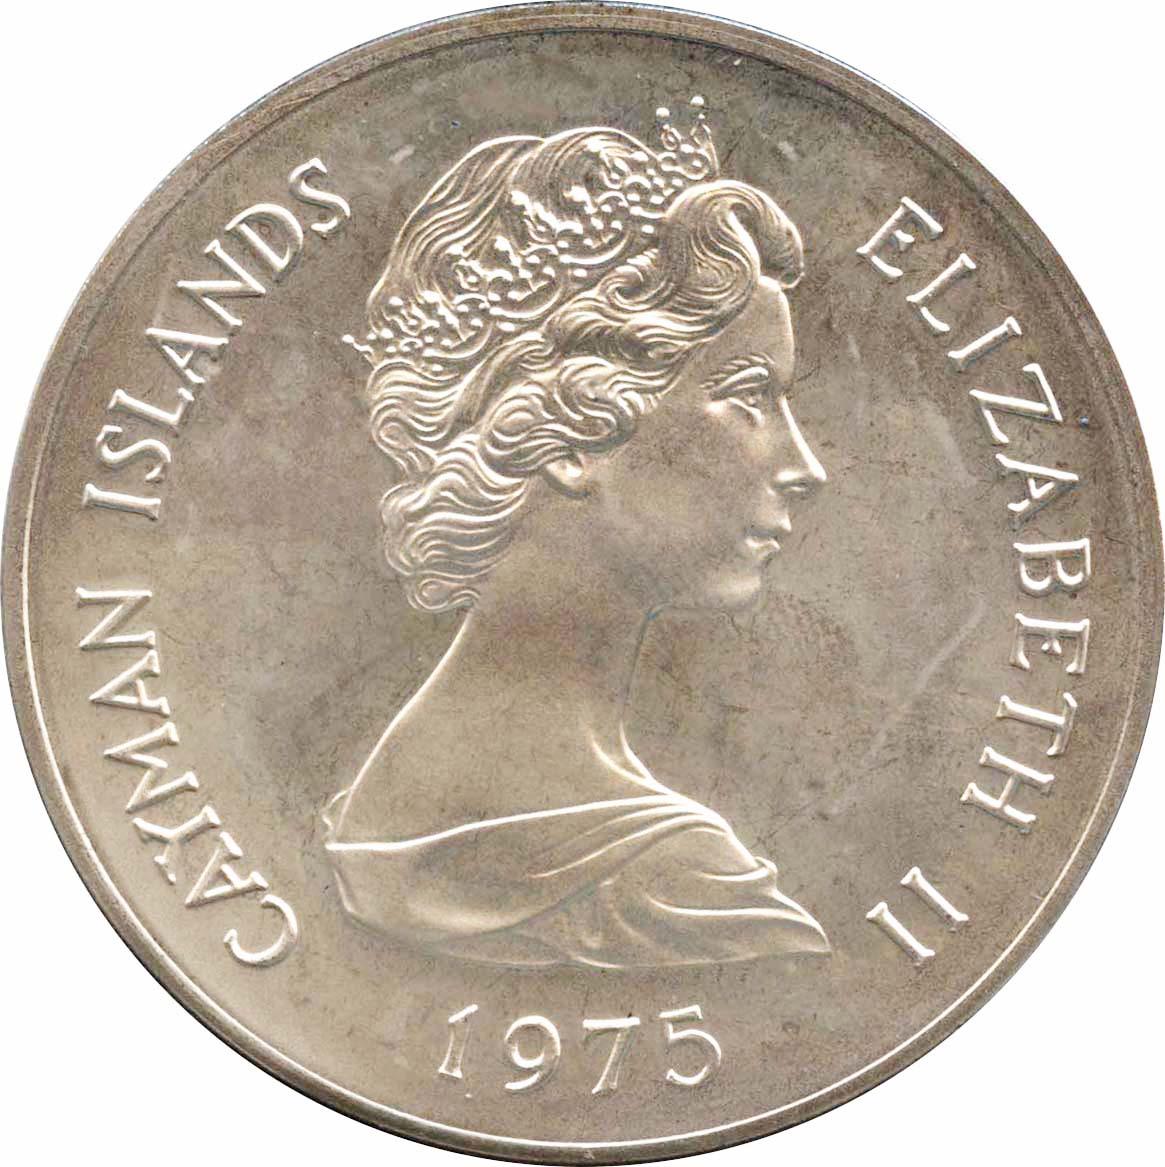 ケイマン諸島 50ドル銀貨 1975 ...